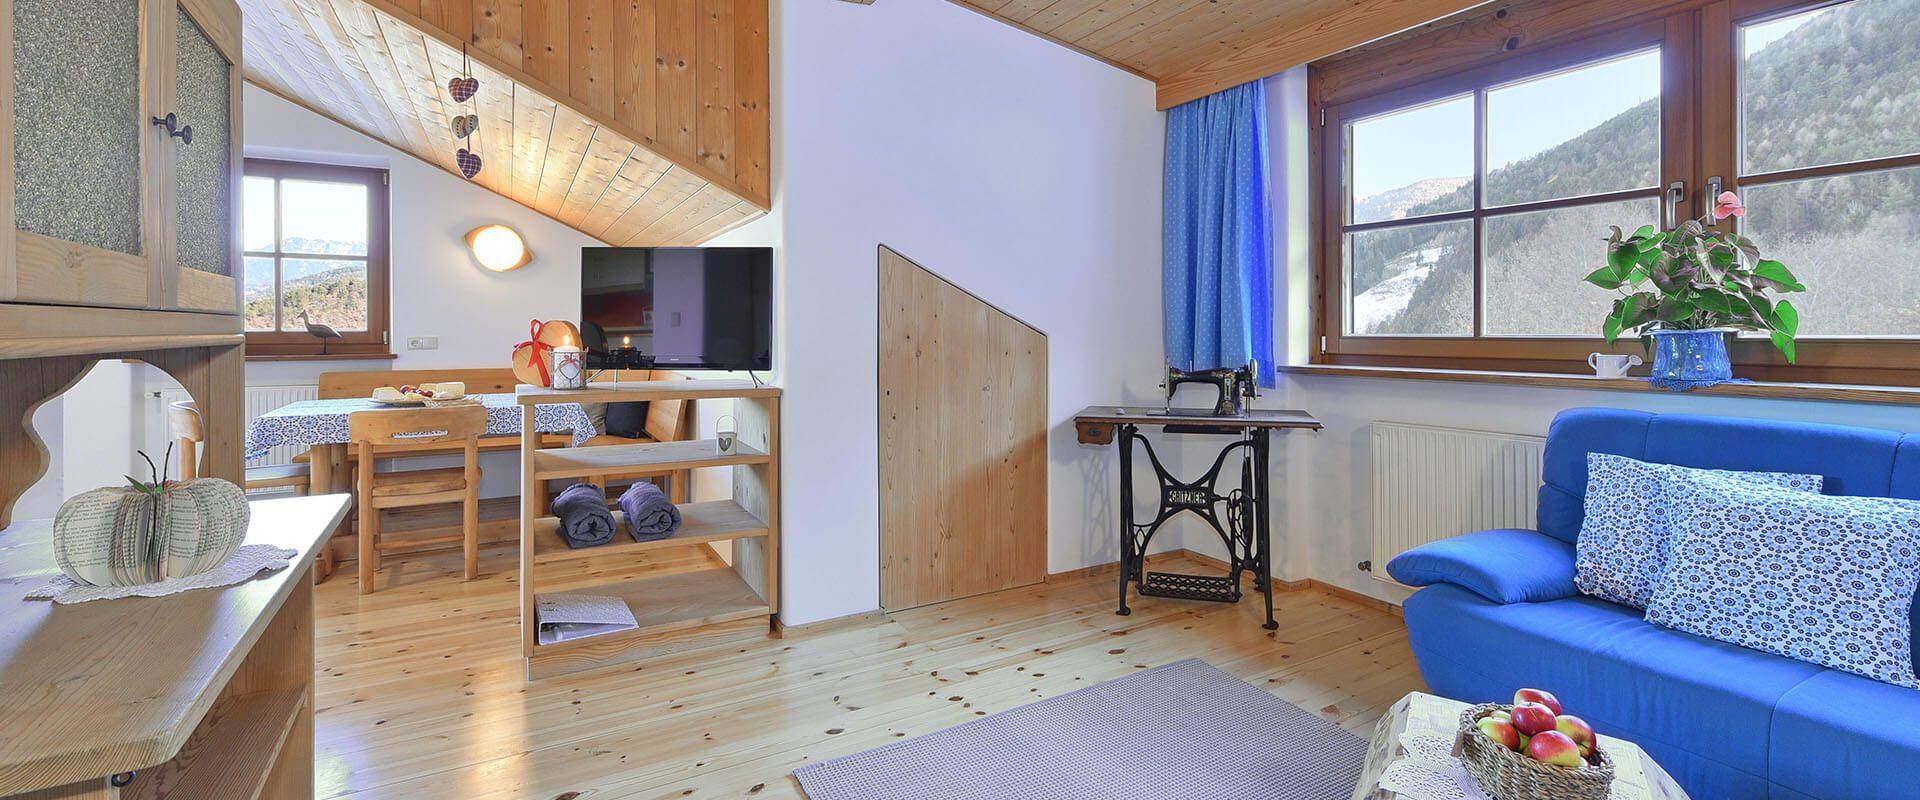 Wohnen in Südtirol | Ferienwohnung Eggental - Ihre Unterkunft in Steinegg